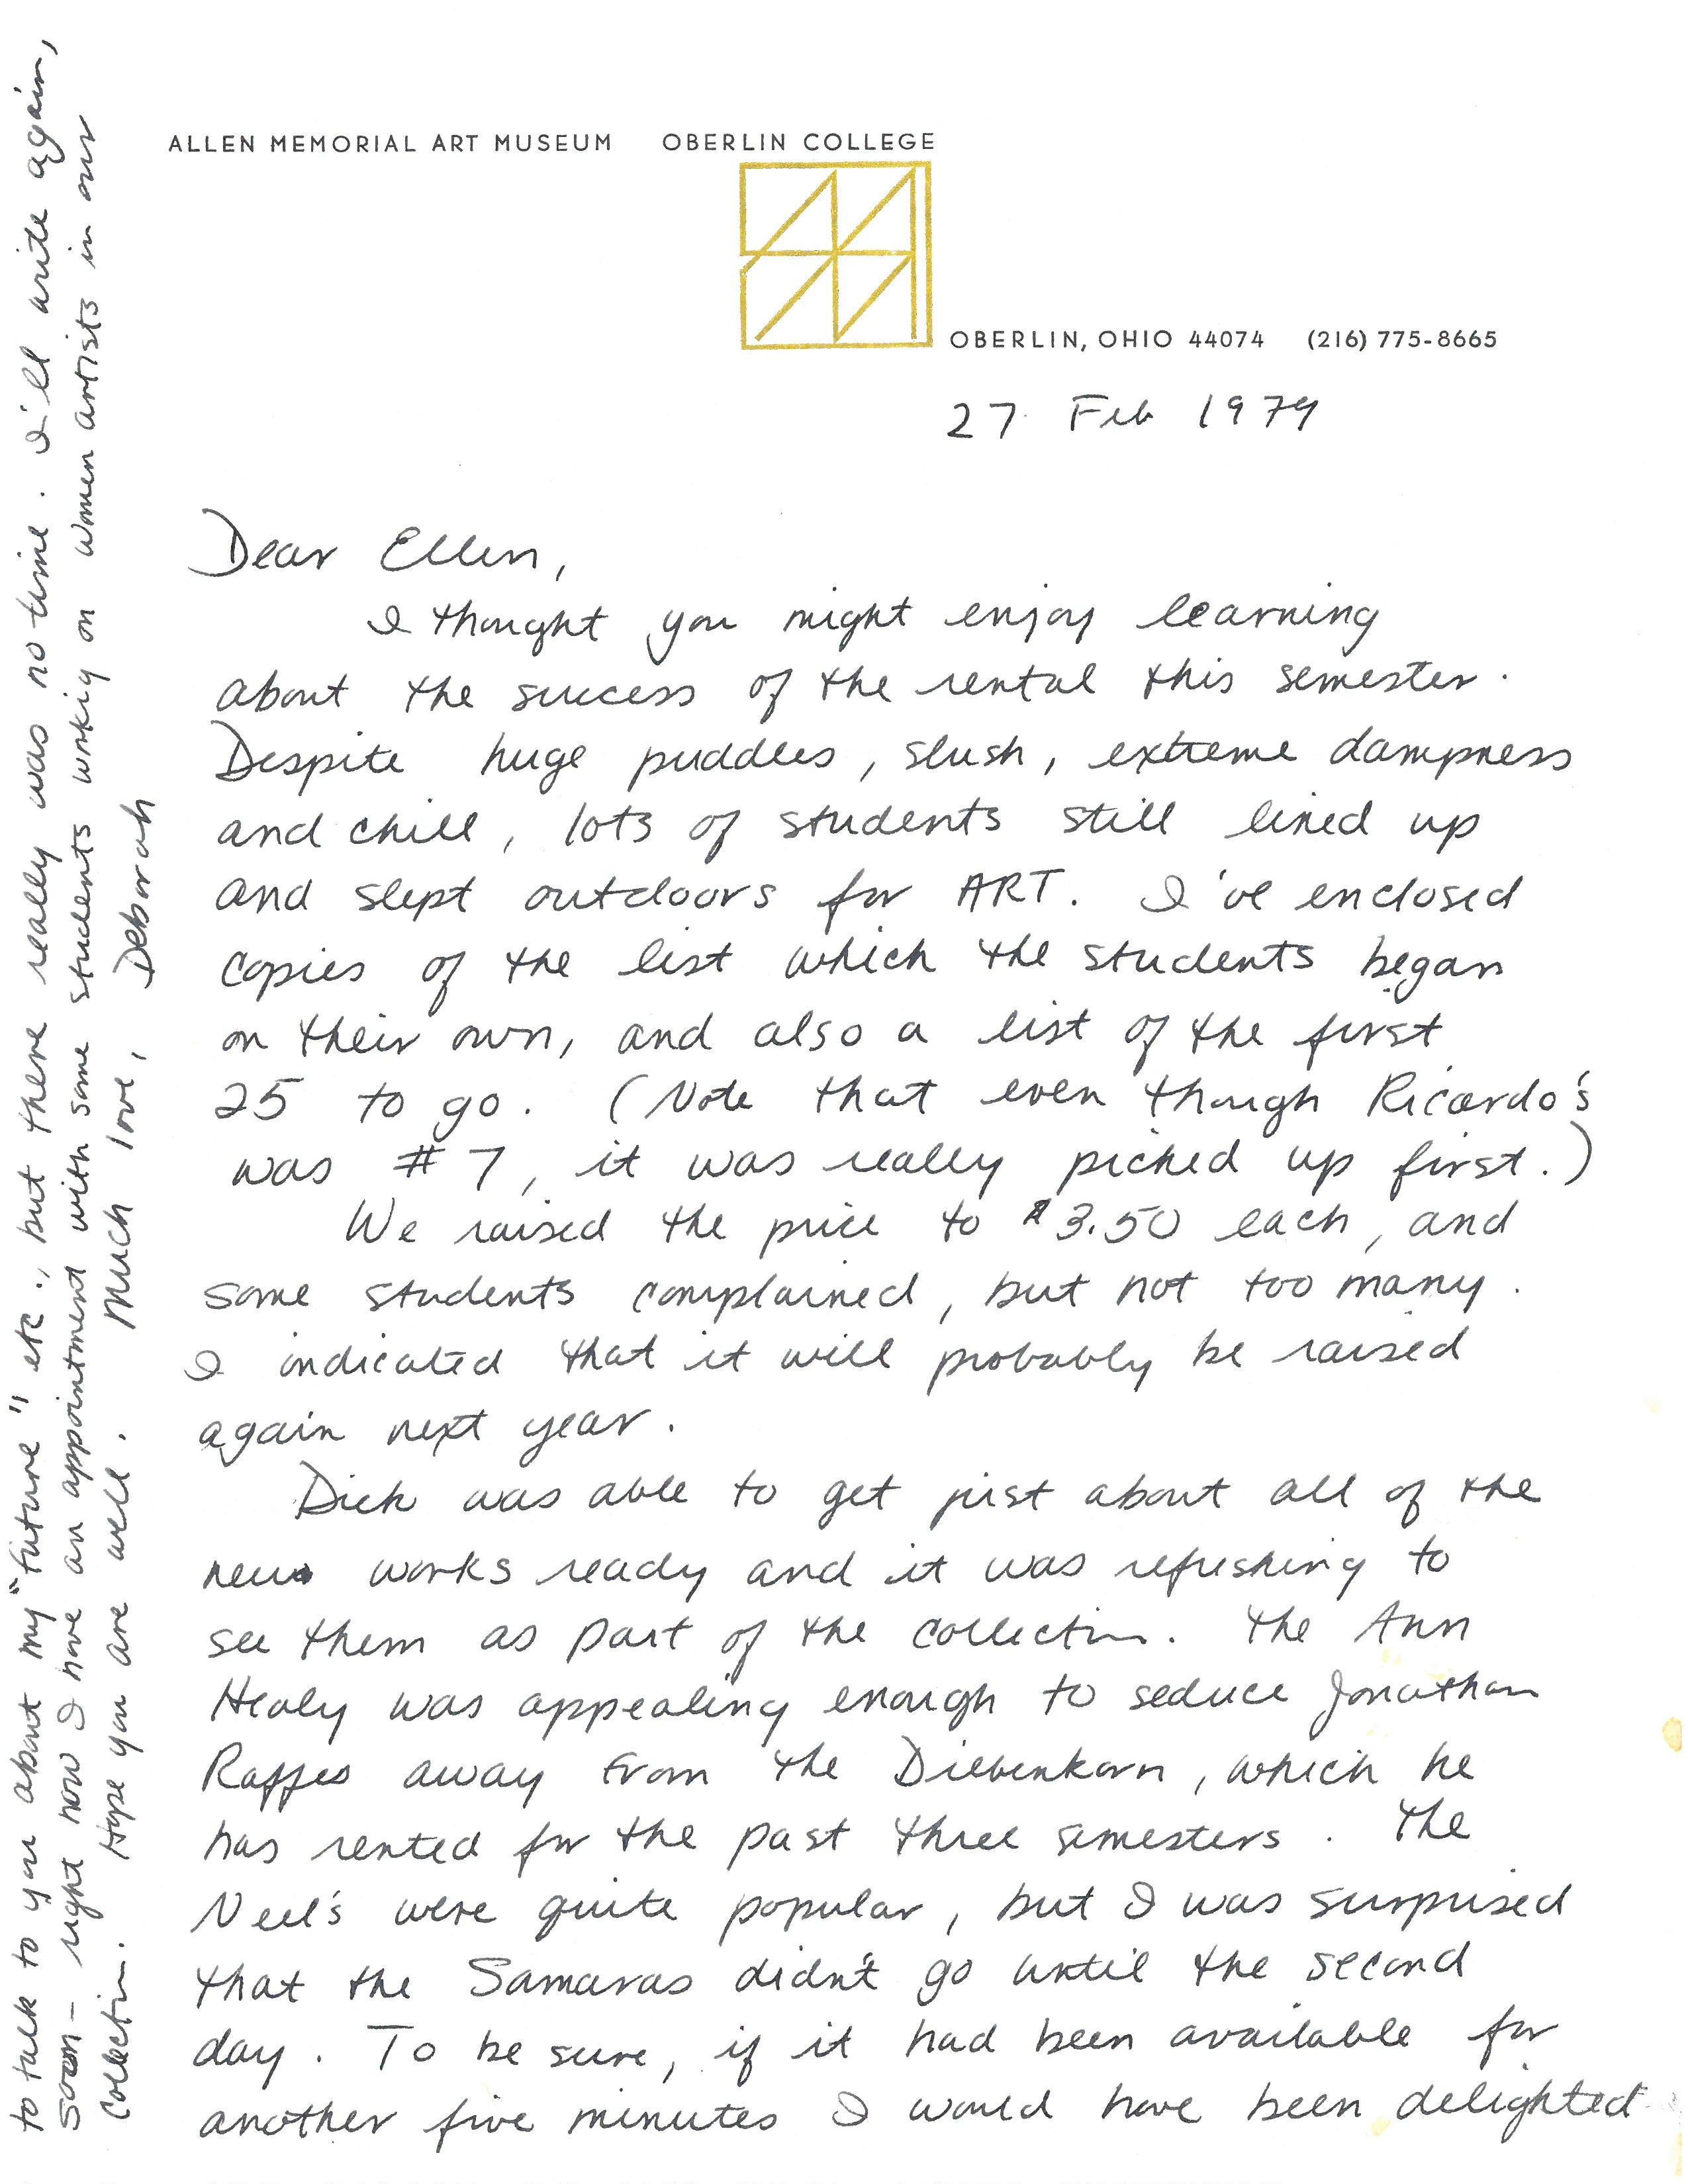 27 Feb 1979 letter p1